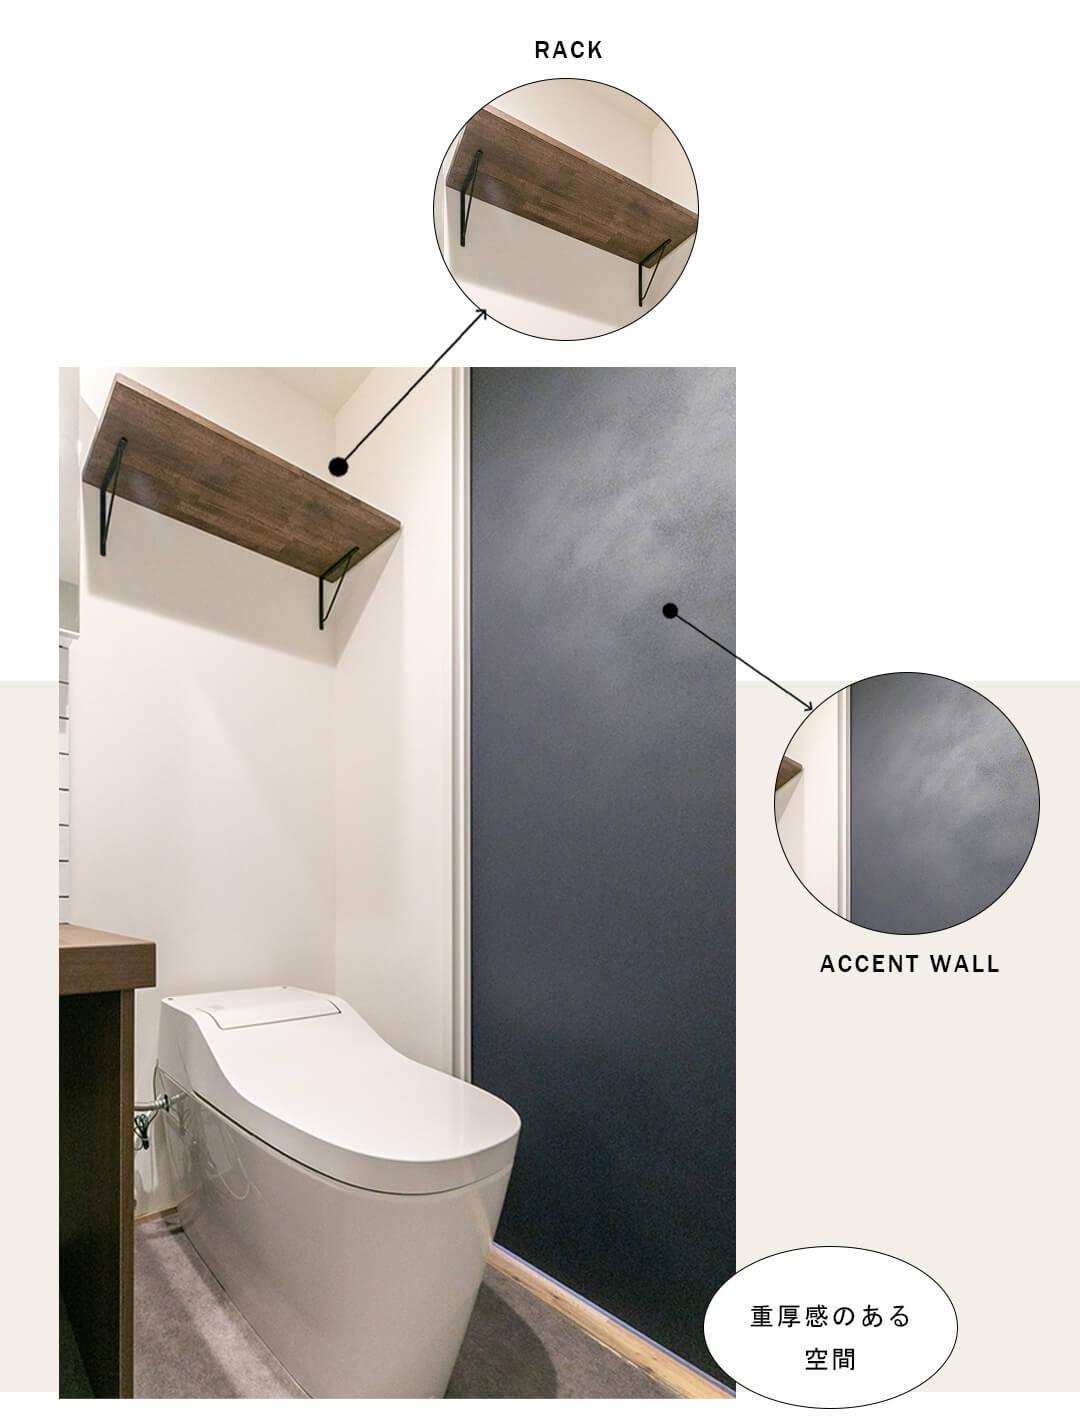 ユニロイヤル赤坂 6xxのトイレ